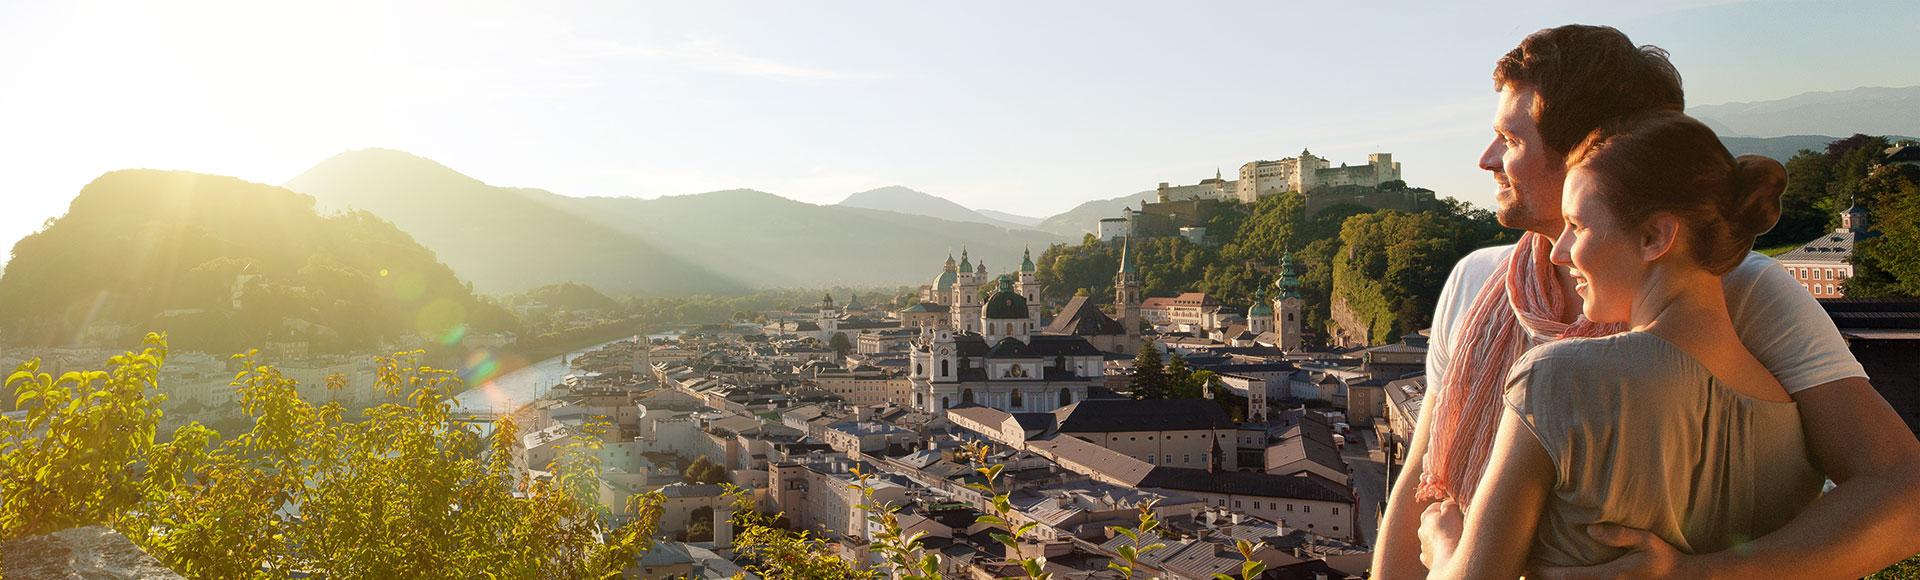 Ausflugsziele im Salzburger Land, Stadt Salzburg